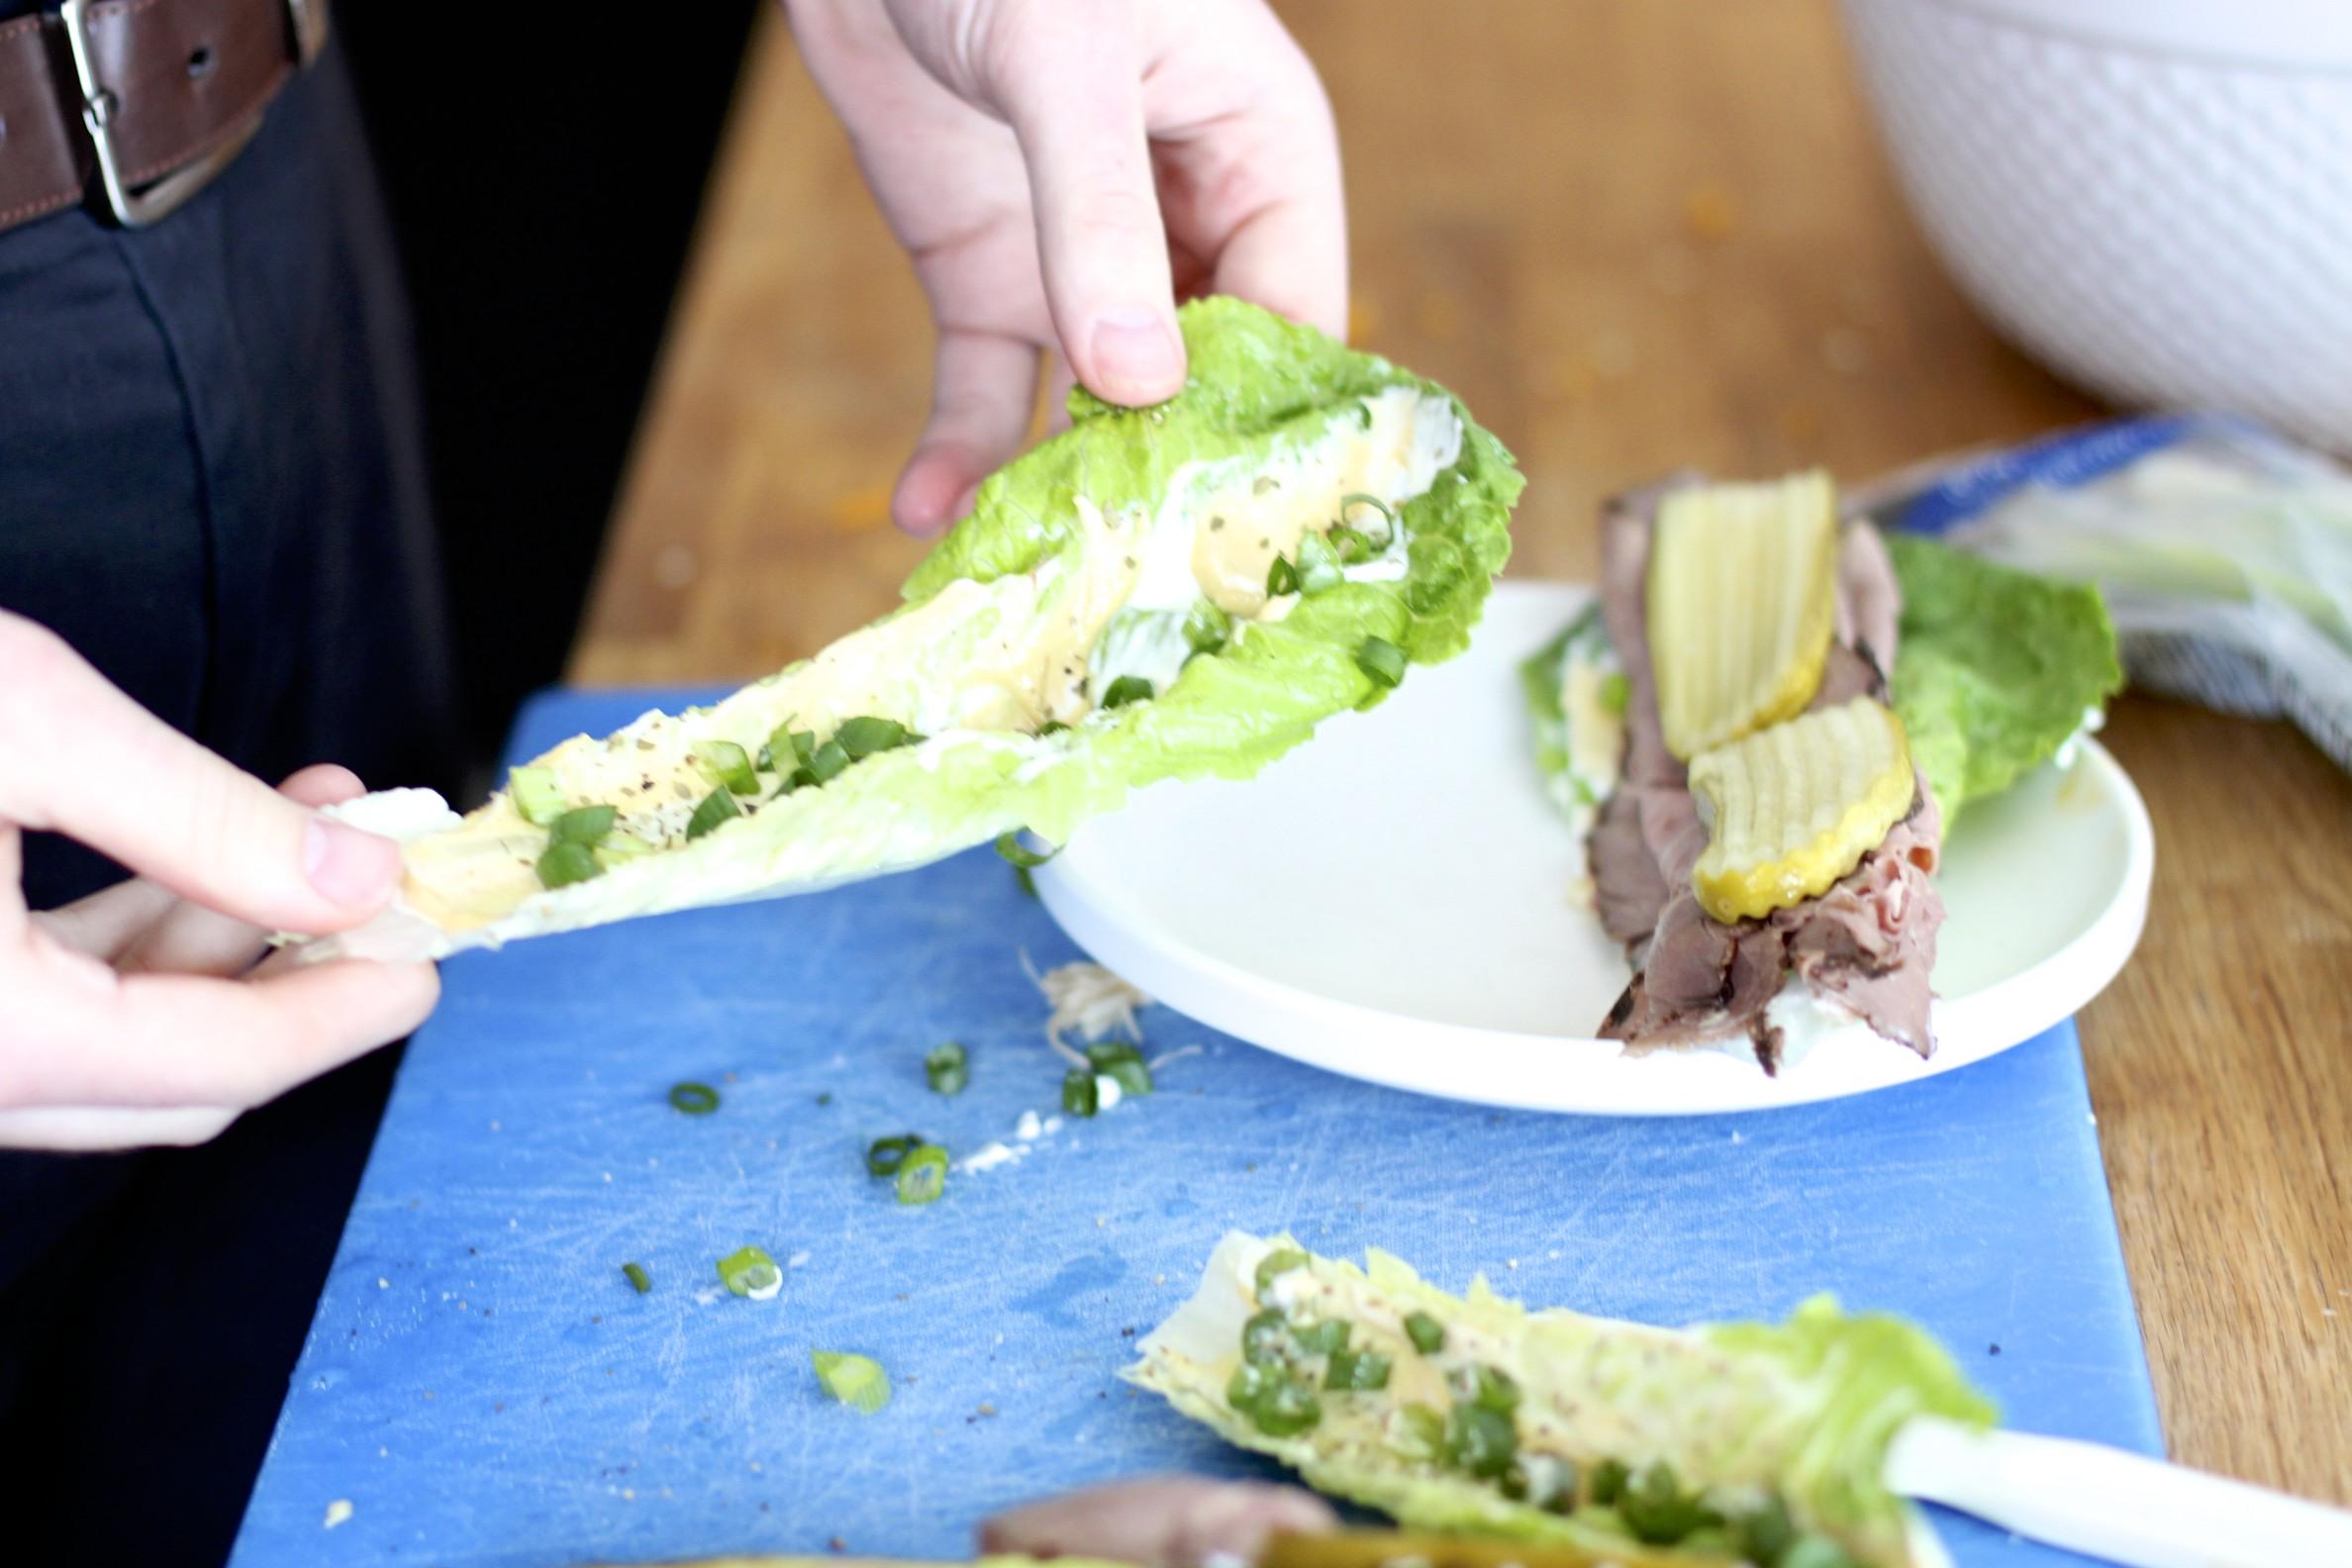 ultimate roast beef sandwich (bunless)